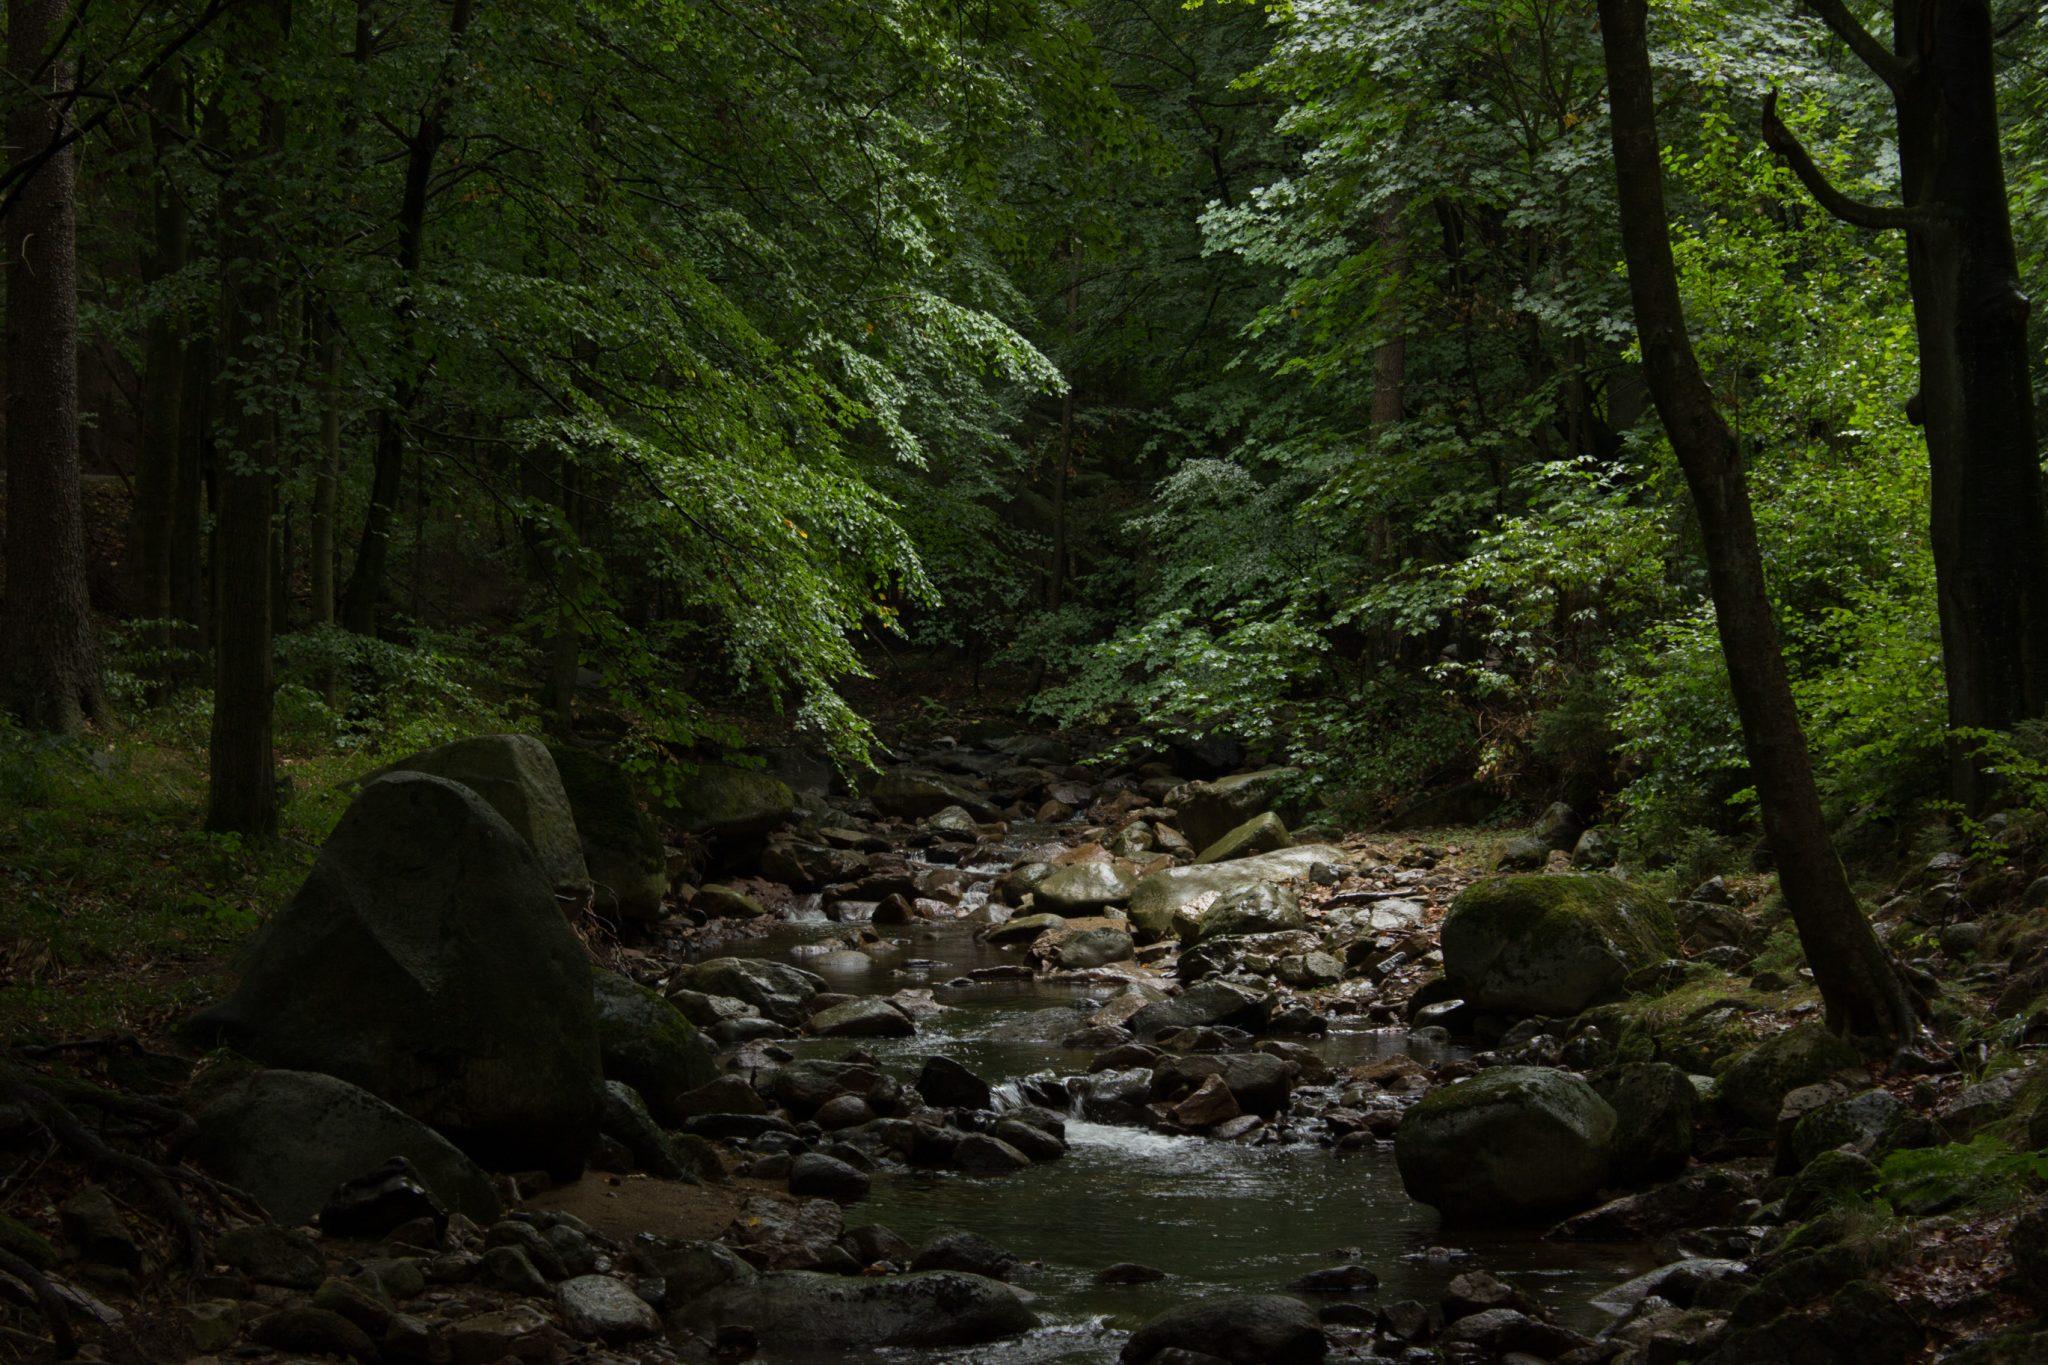 Wanderung Brocken über Heinrich-Heine-Weg, Start in Ilsenburg, Nationalpark Harz, schöner Wanderweg im Wald entlang des Fluß Ilse, atmosphärisch, herrliche frische Luft, viele Laubbäume